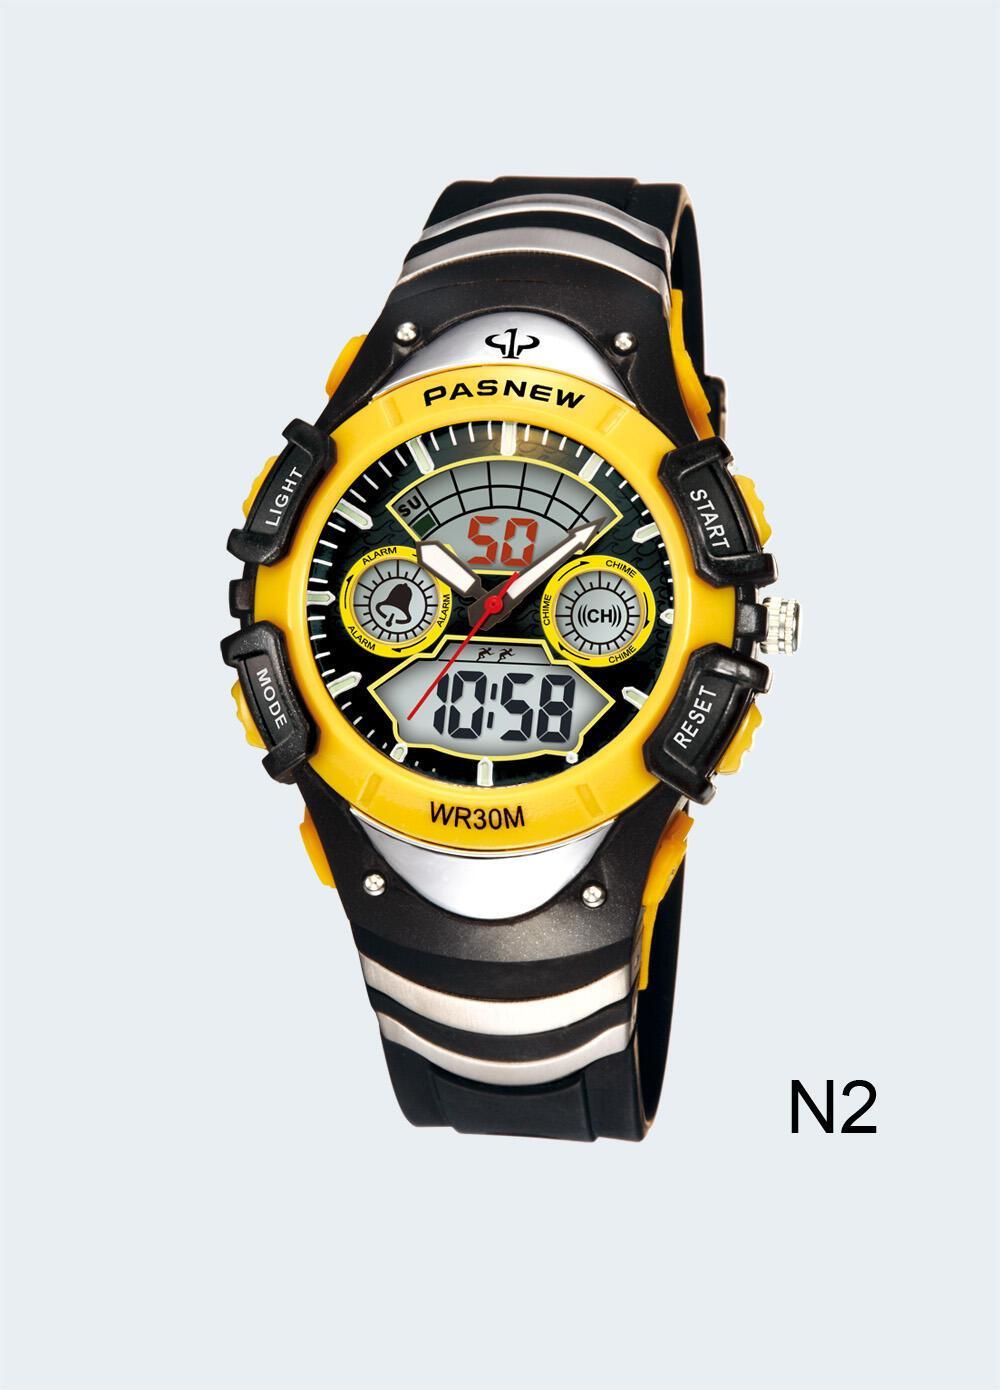 Đồng hồ thể thao điện tử PASNEW PSE-308A